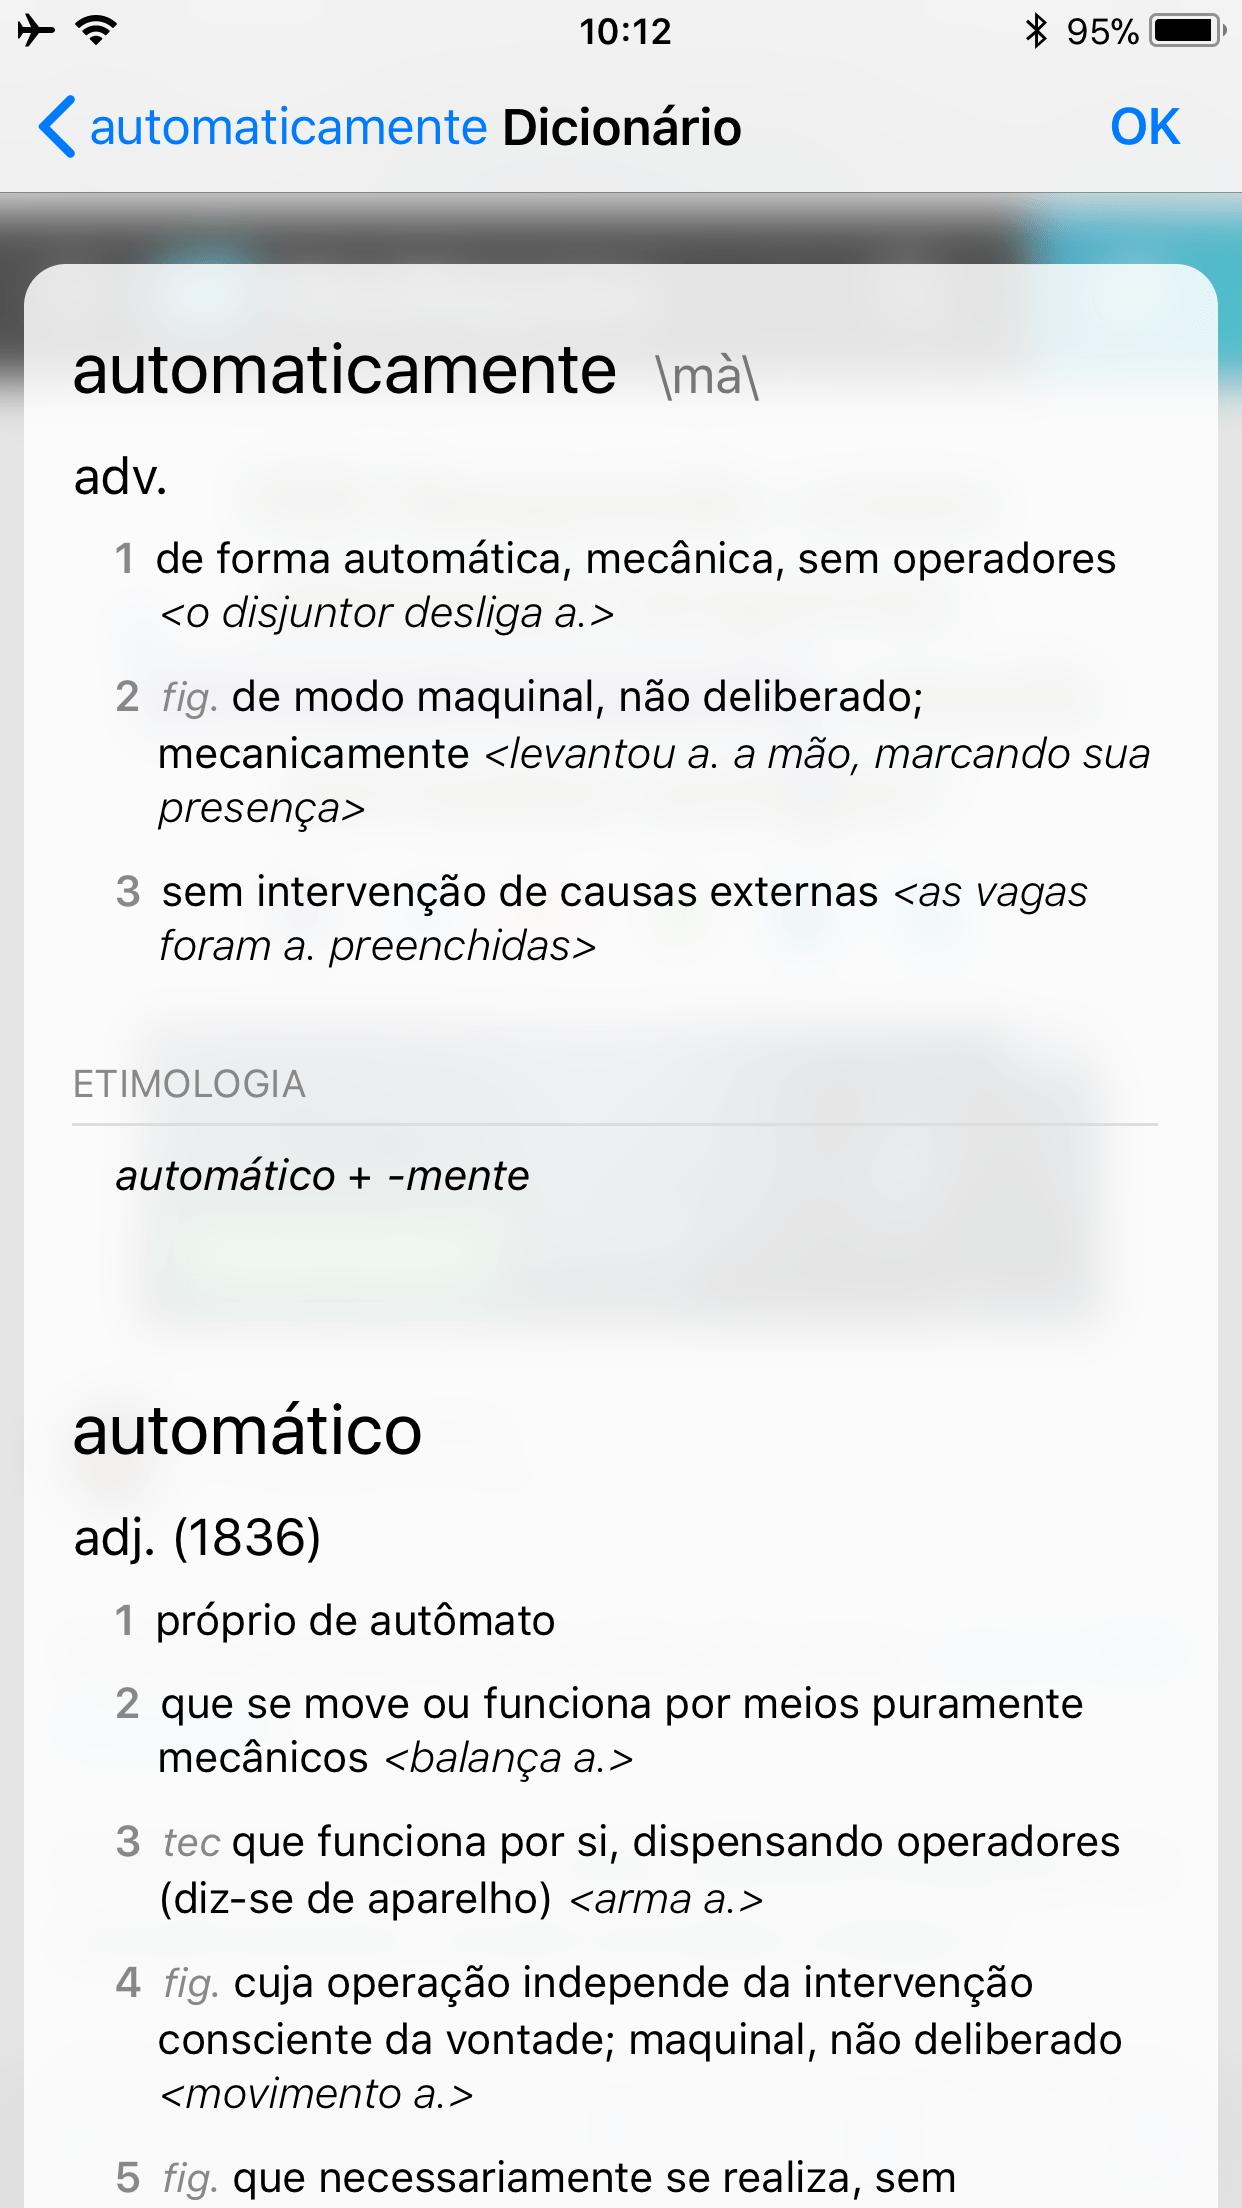 Dicionário - Definição completa